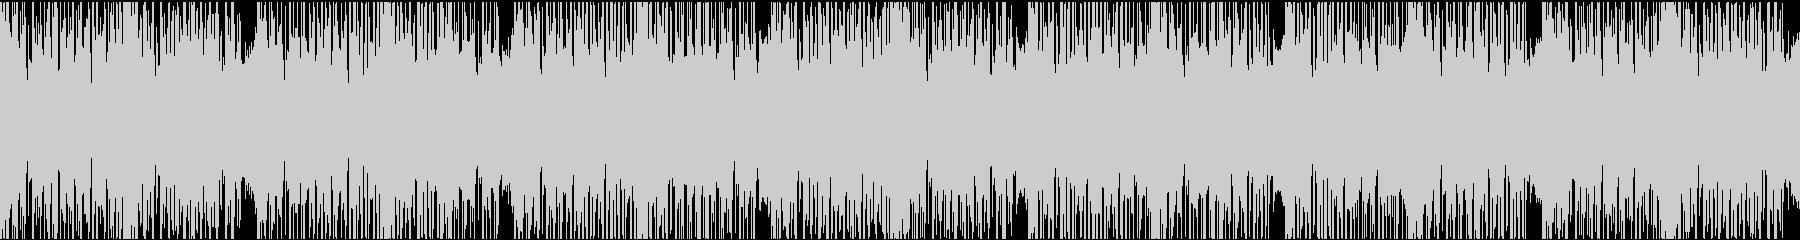 ダークエレクトロ/ループの未再生の波形